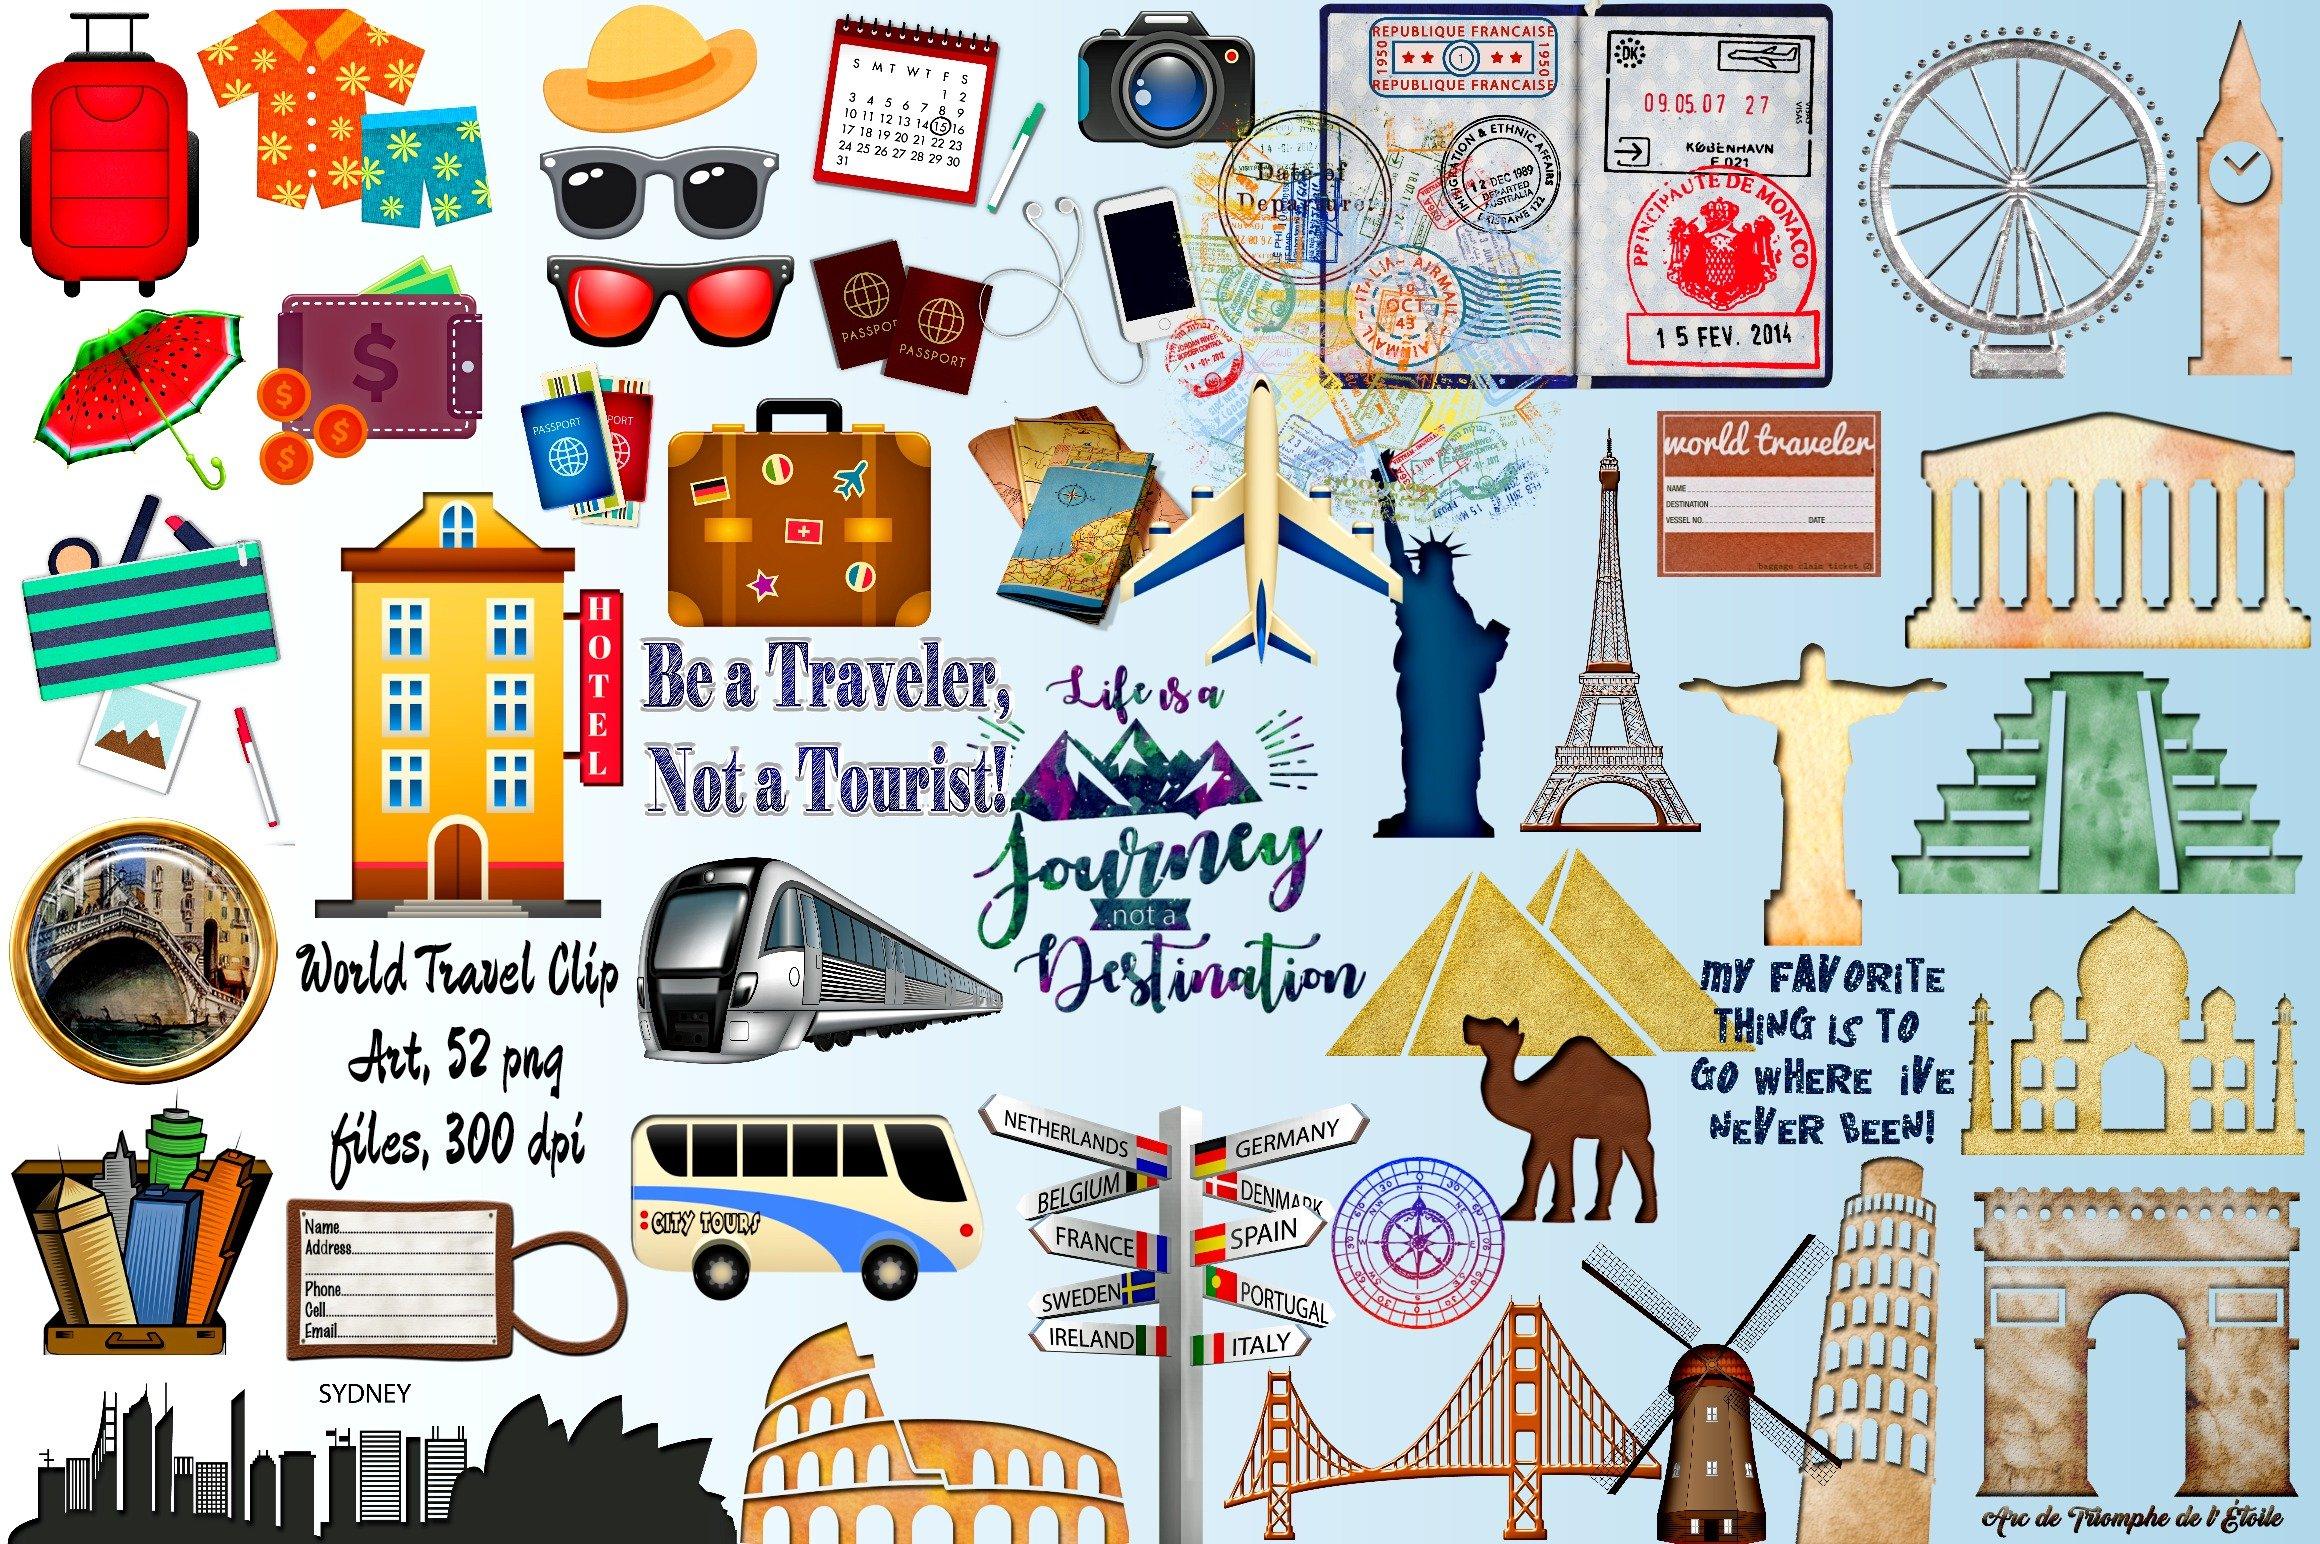 World Travel Clip Art Megapack